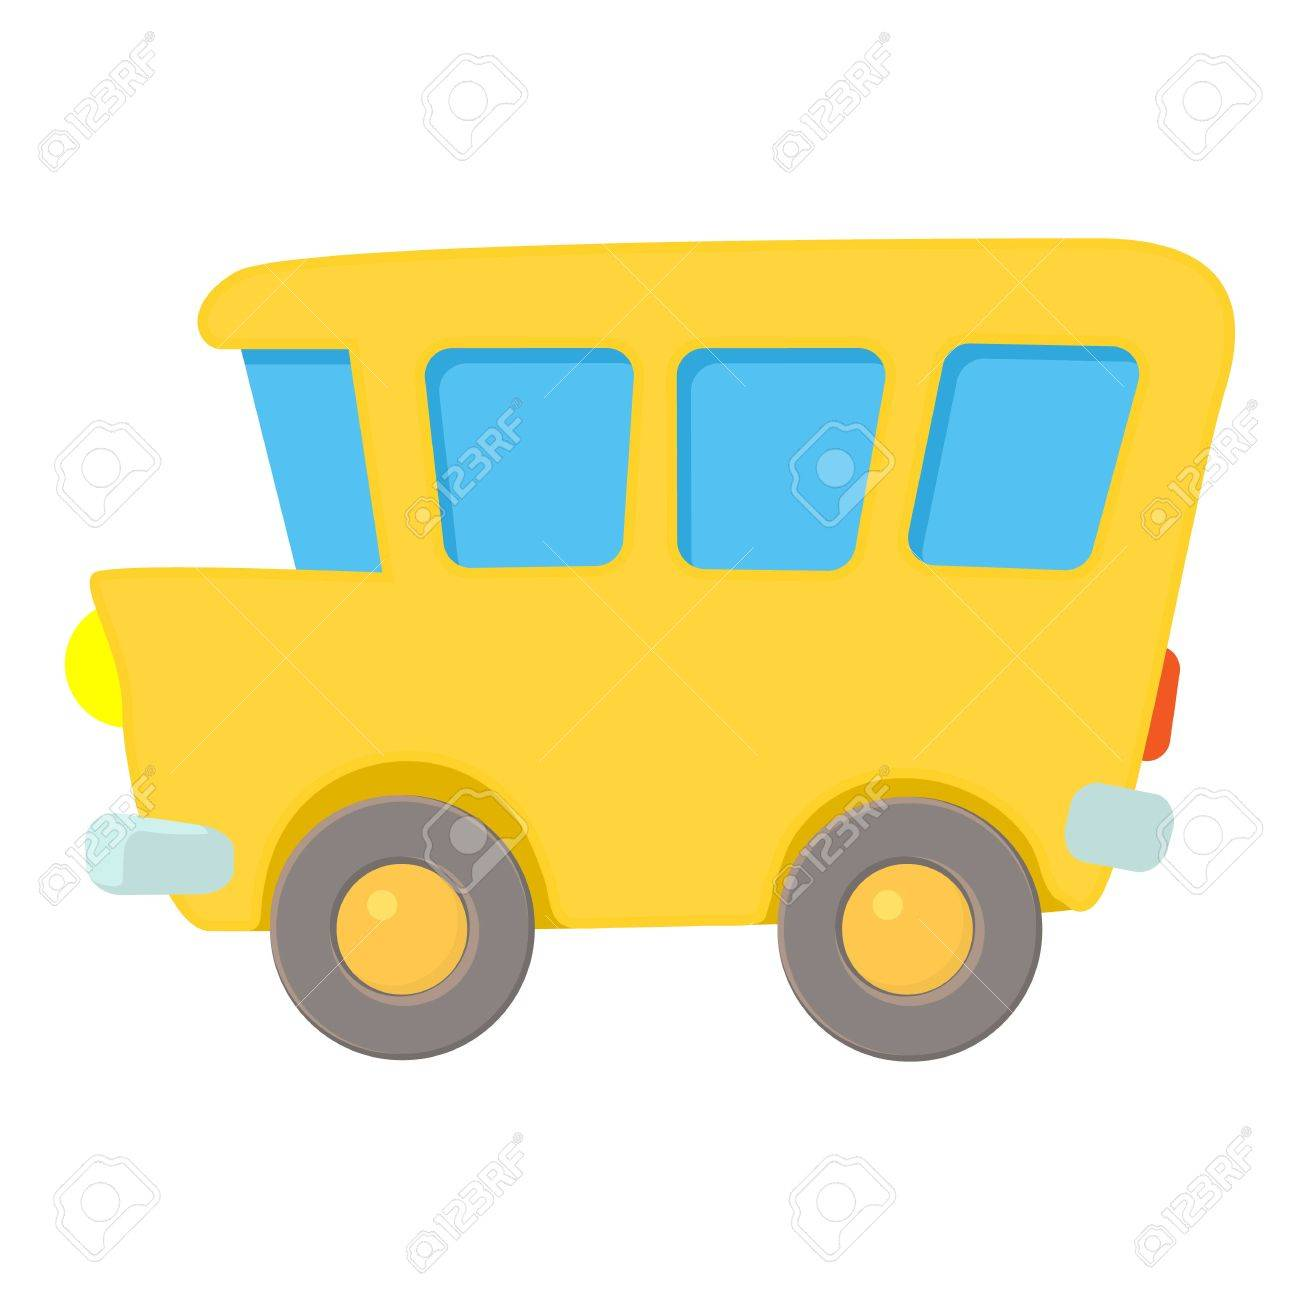 Icône De L Autobus Scolaire Illustration De Dessin Animé De L Icône De Vecteur De Bus Scolaire Pour Le Web